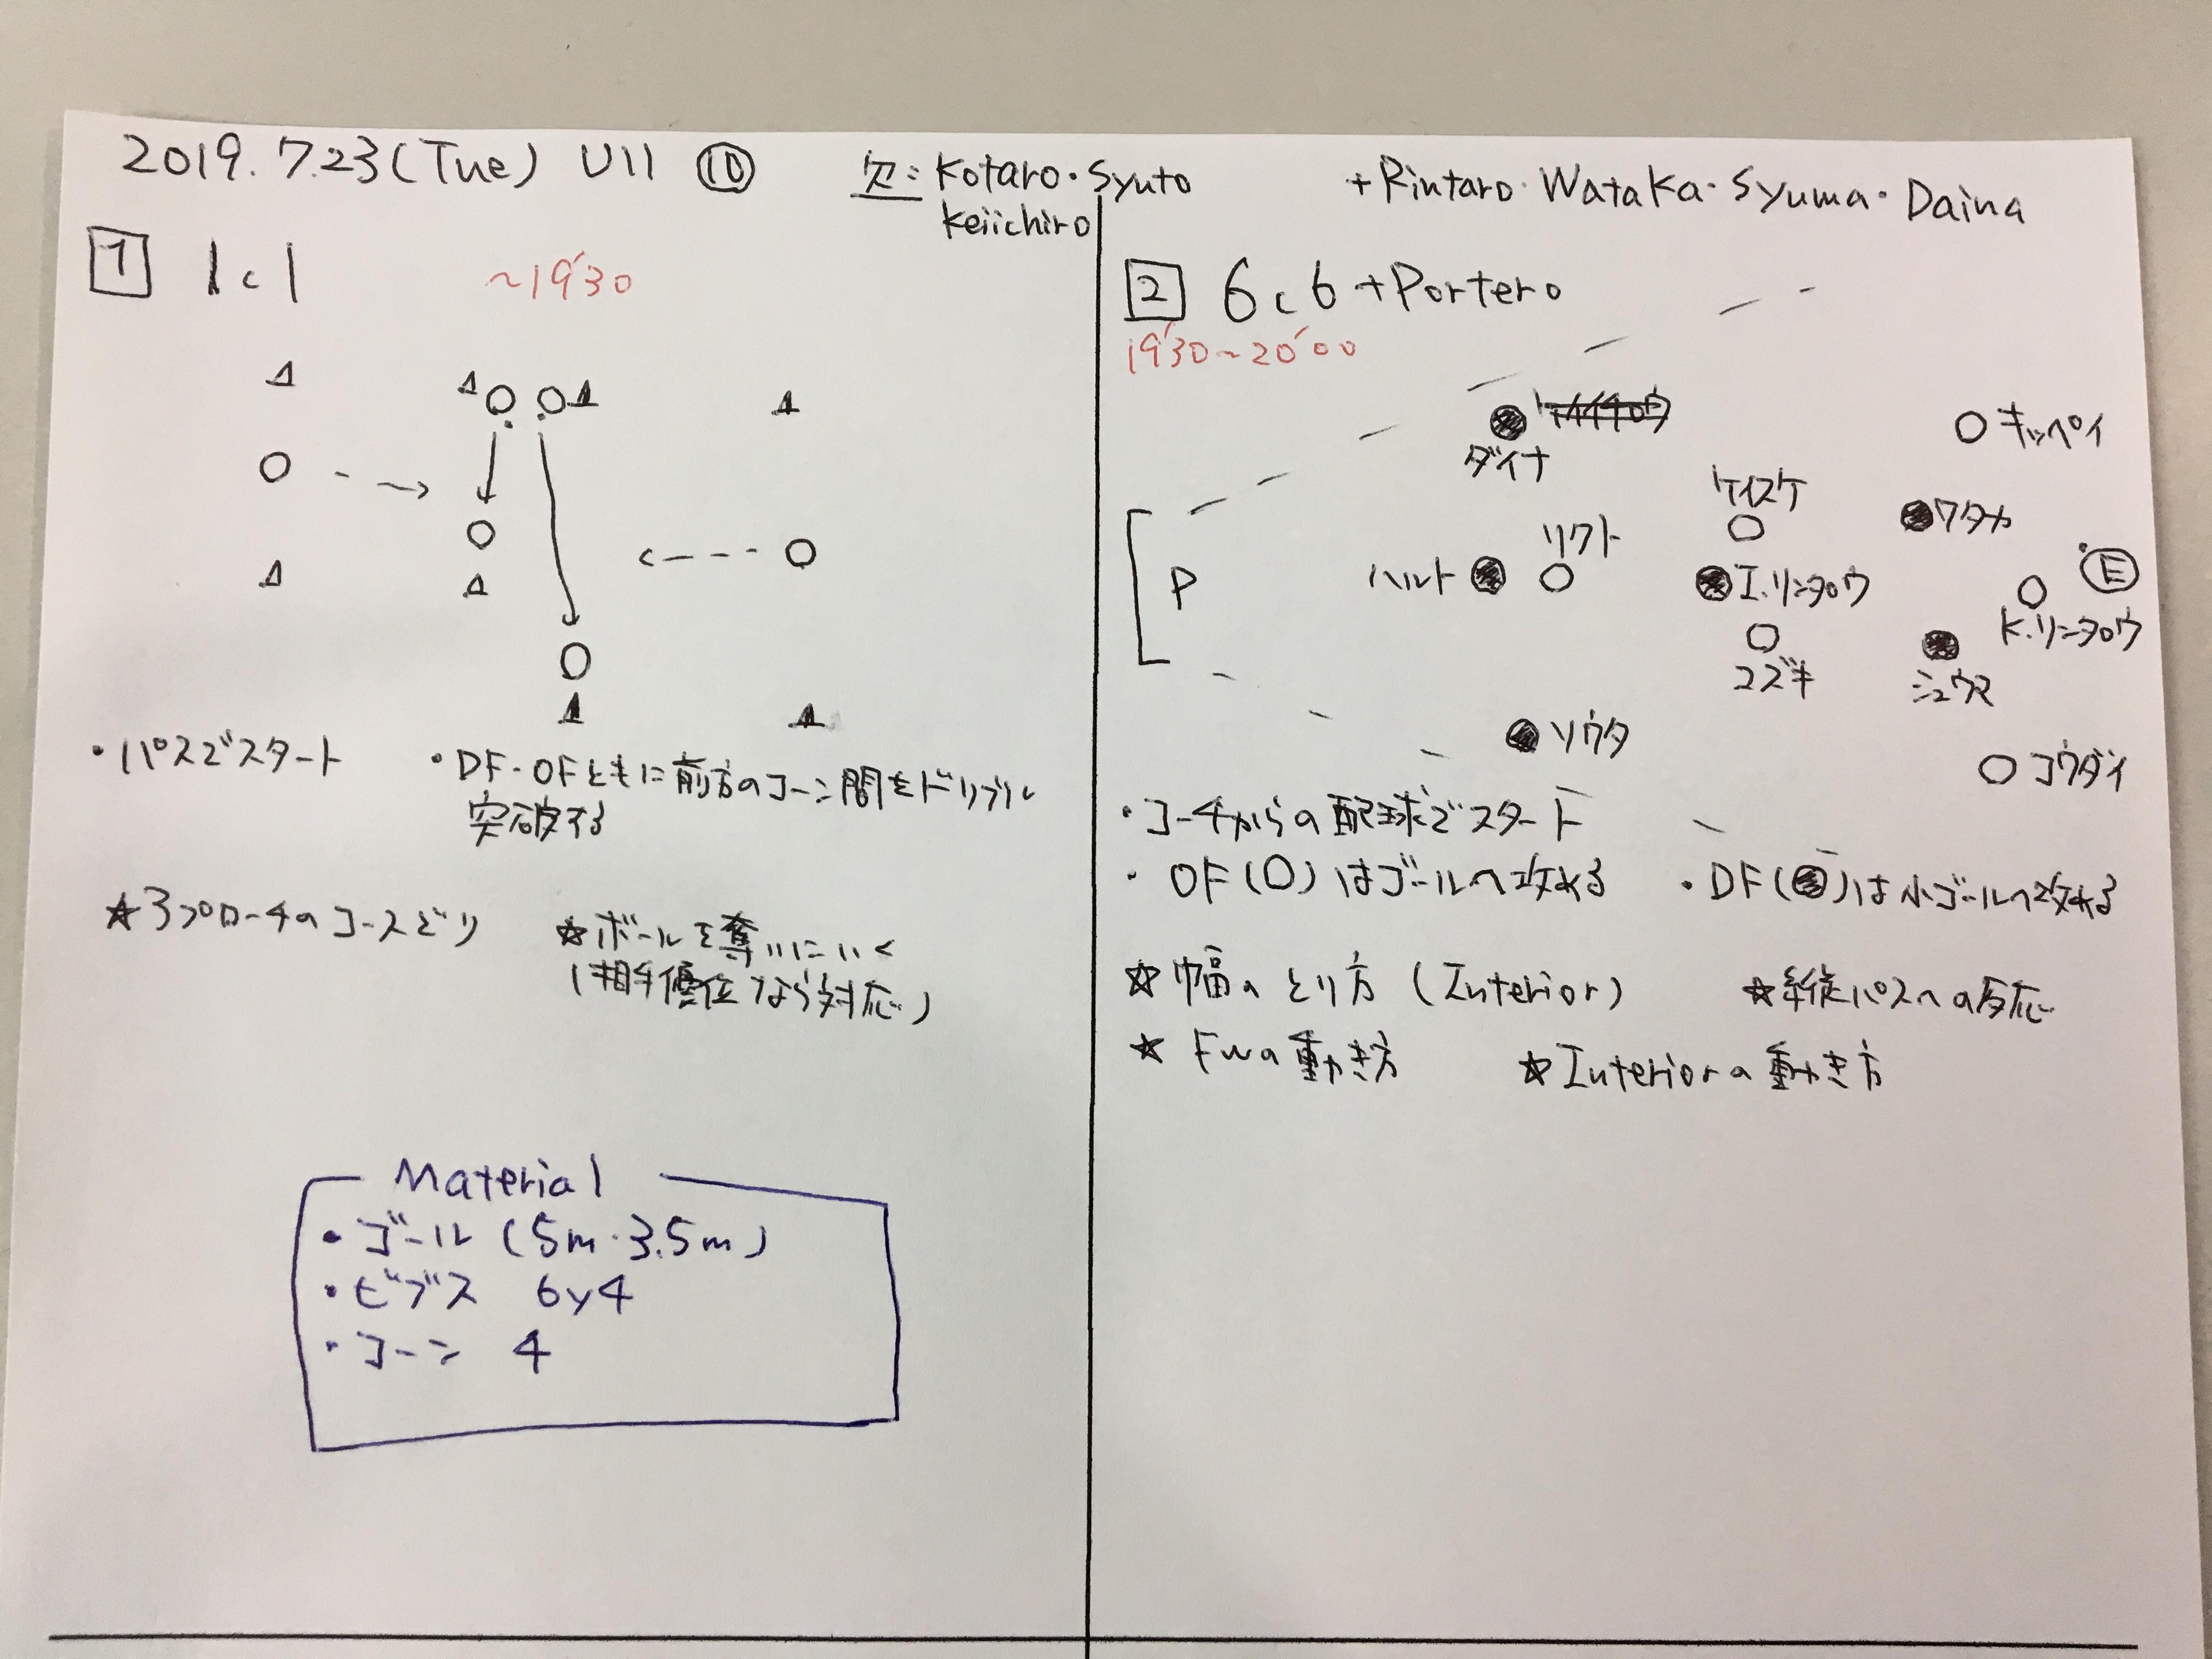 今日の練習メニュー& MVP 062 (7/23火)